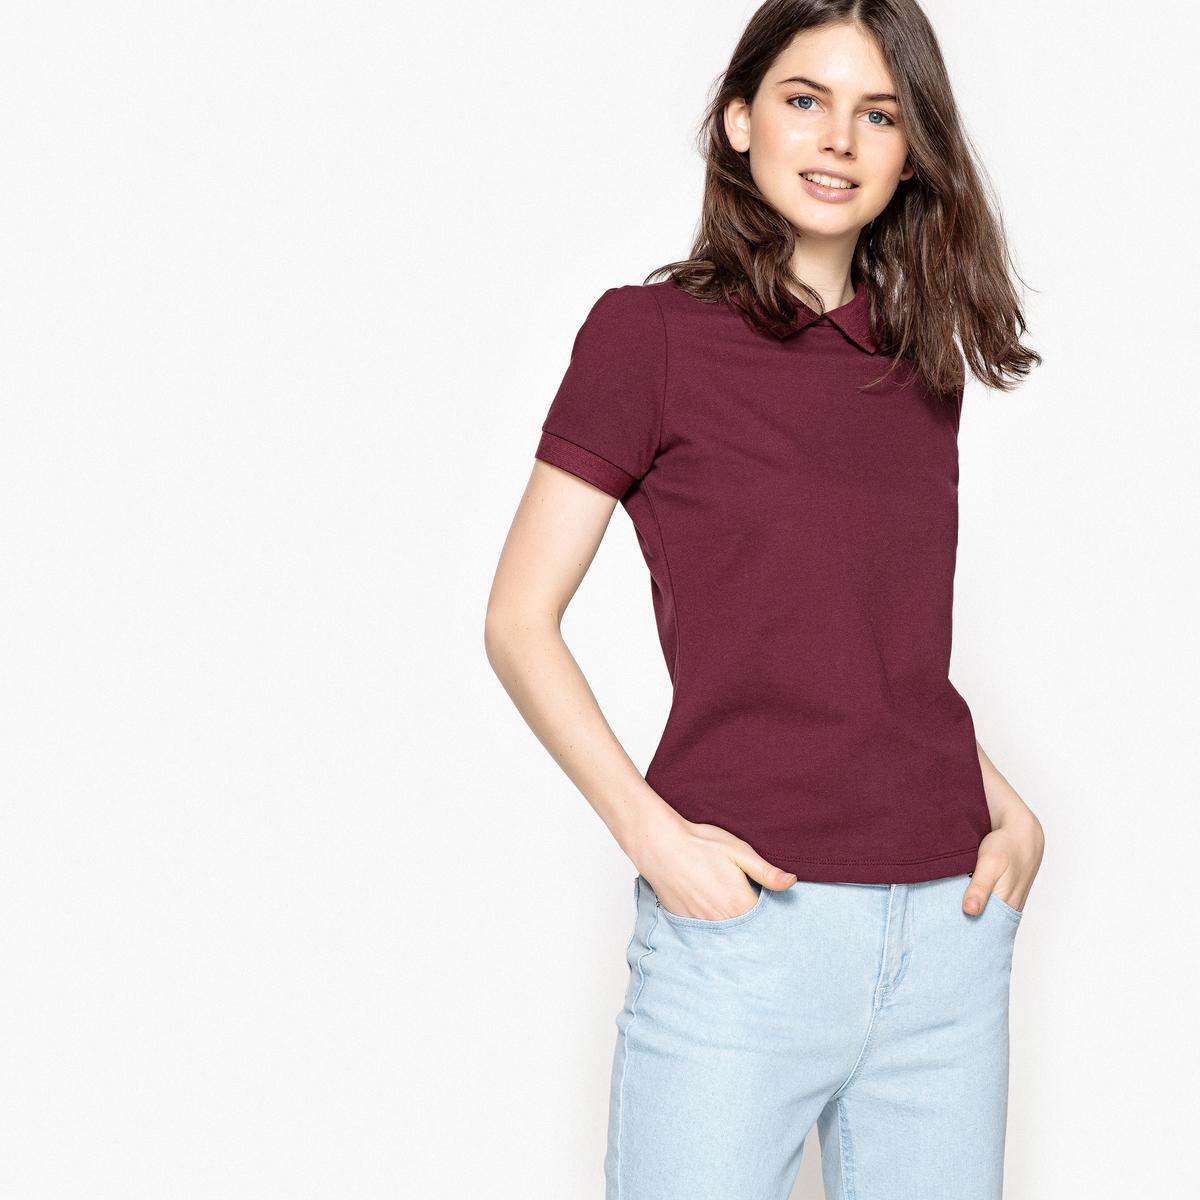 T-shirt com gola polo, mangas curtas, botões atrás